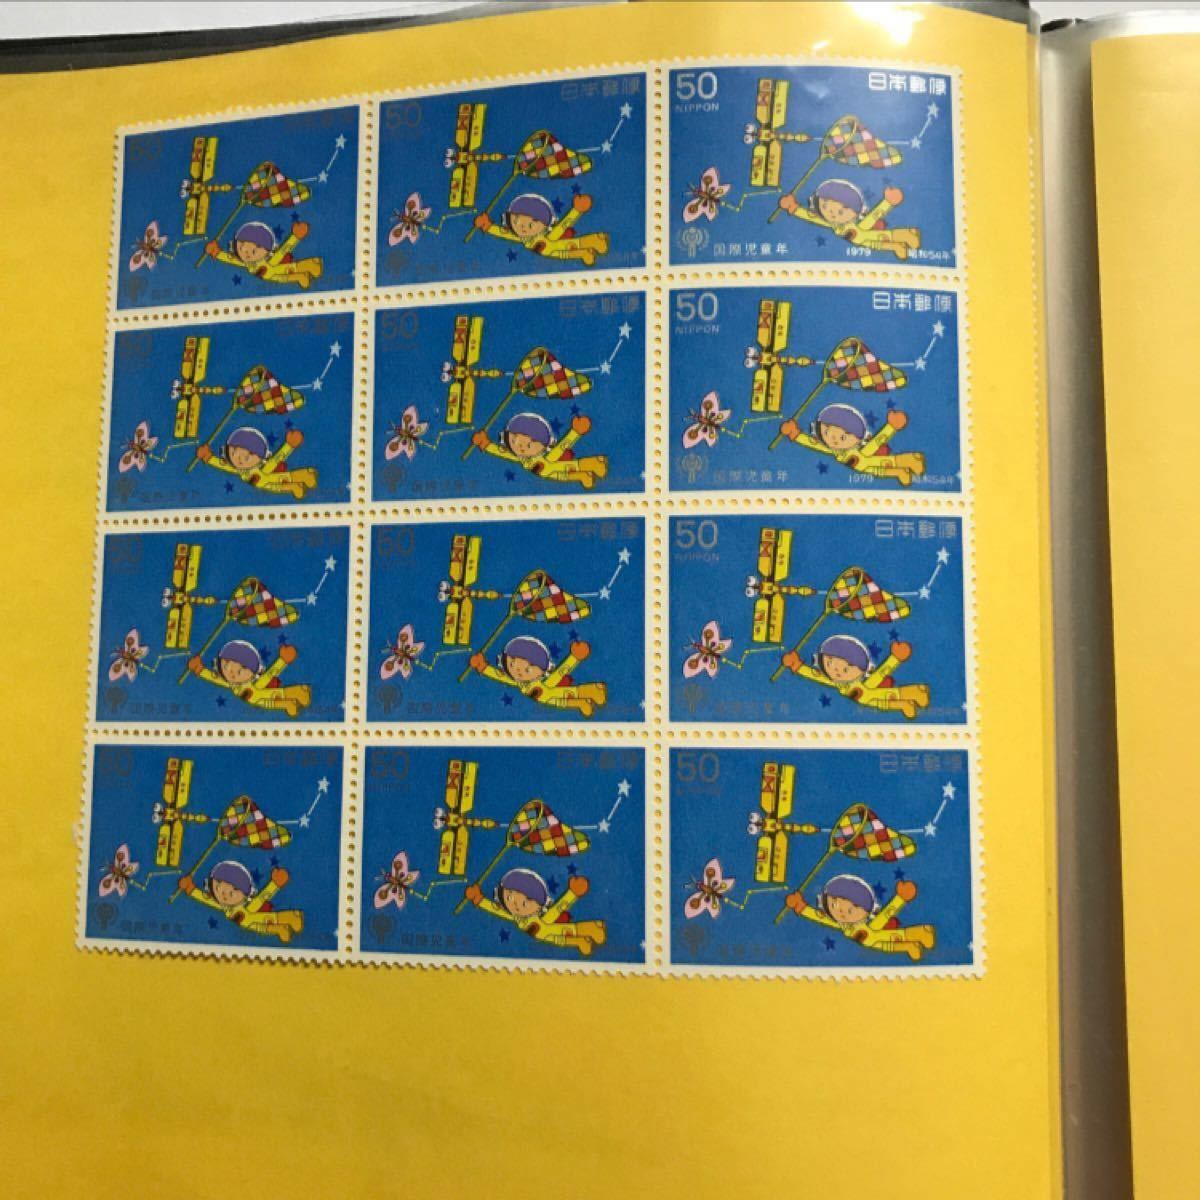 【未使用品】日本郵便 記念切手 販売価格